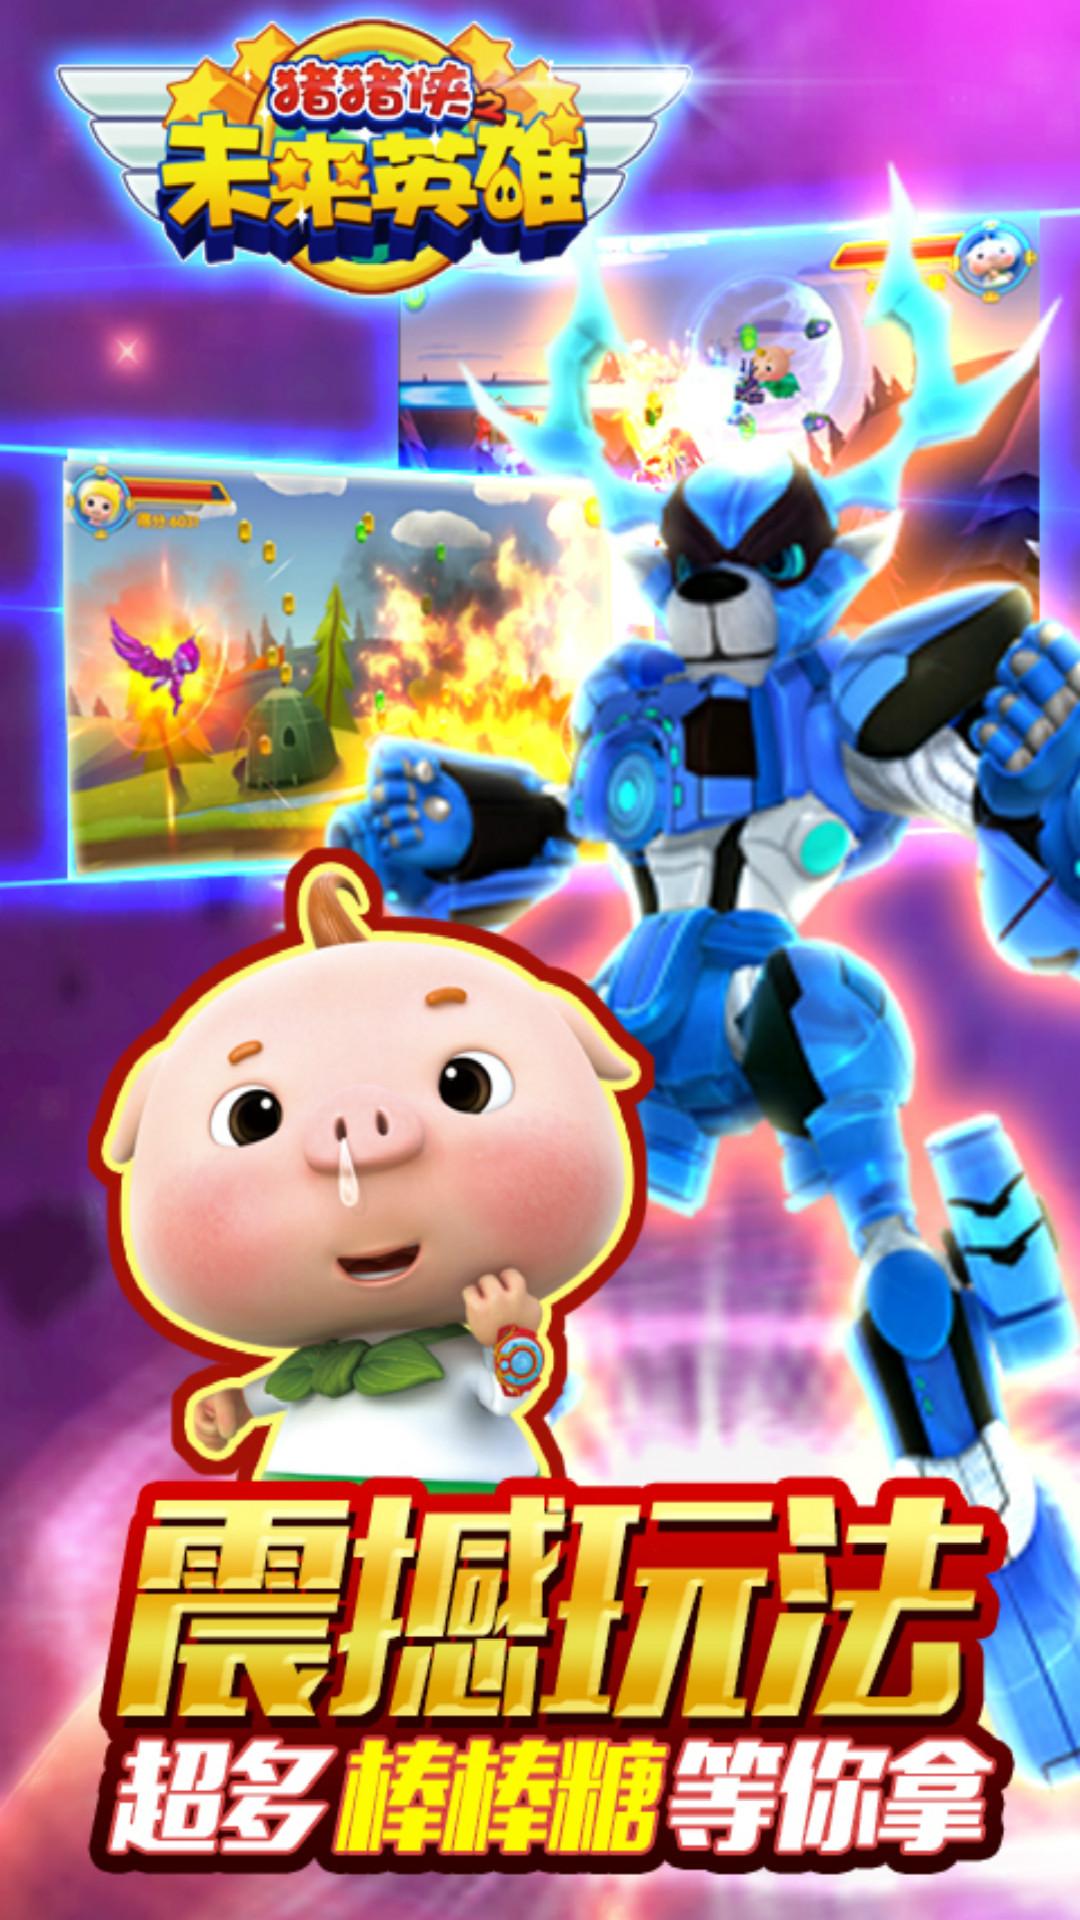 猪猪侠之未来英雄